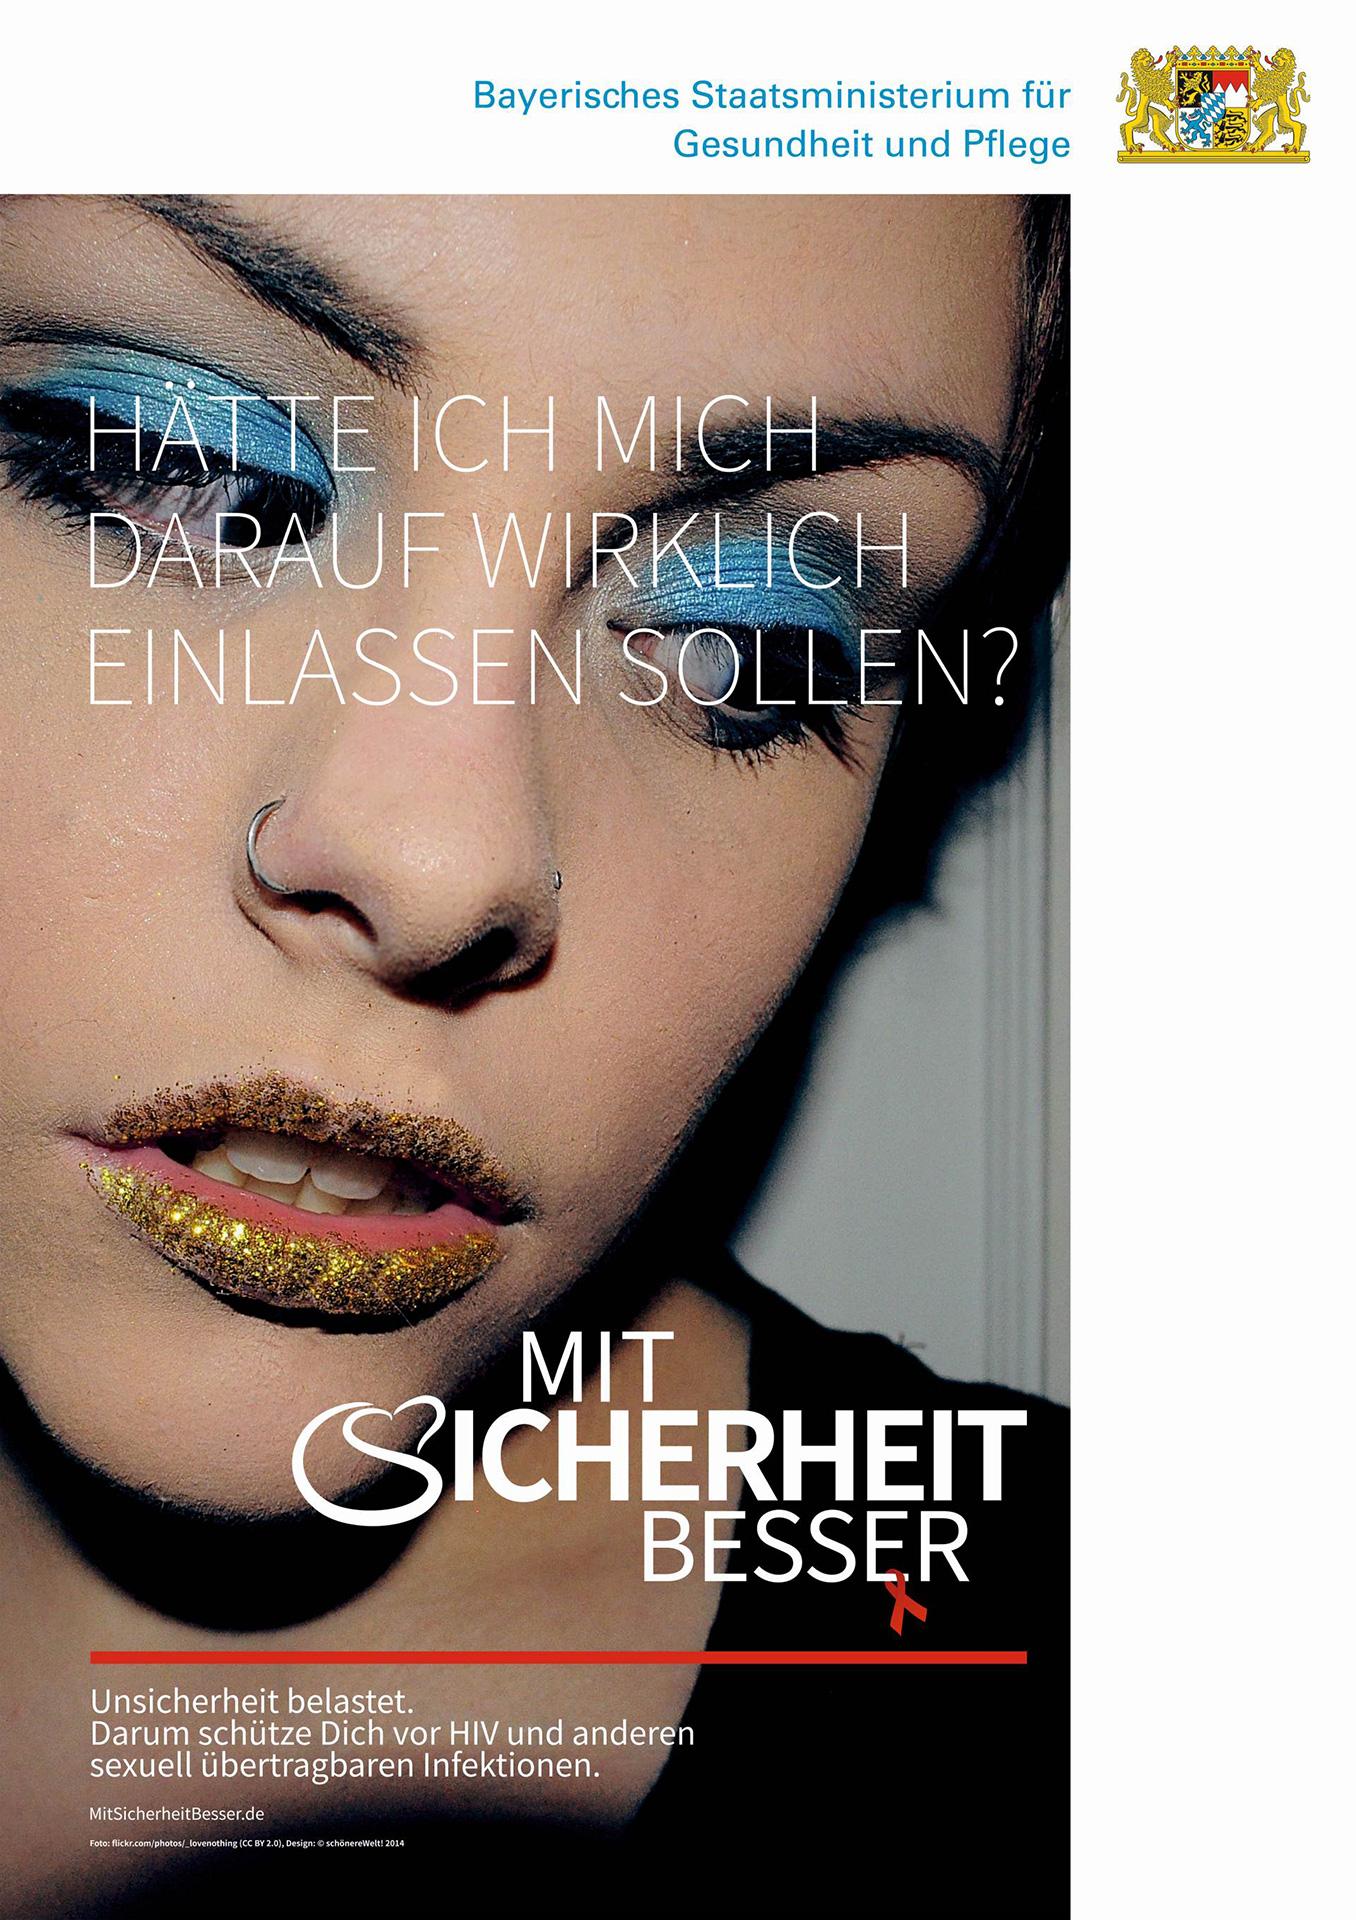 Mit-Sicherheit-Besser-A3-Poster-Frau-Make-Up-1356x1920px